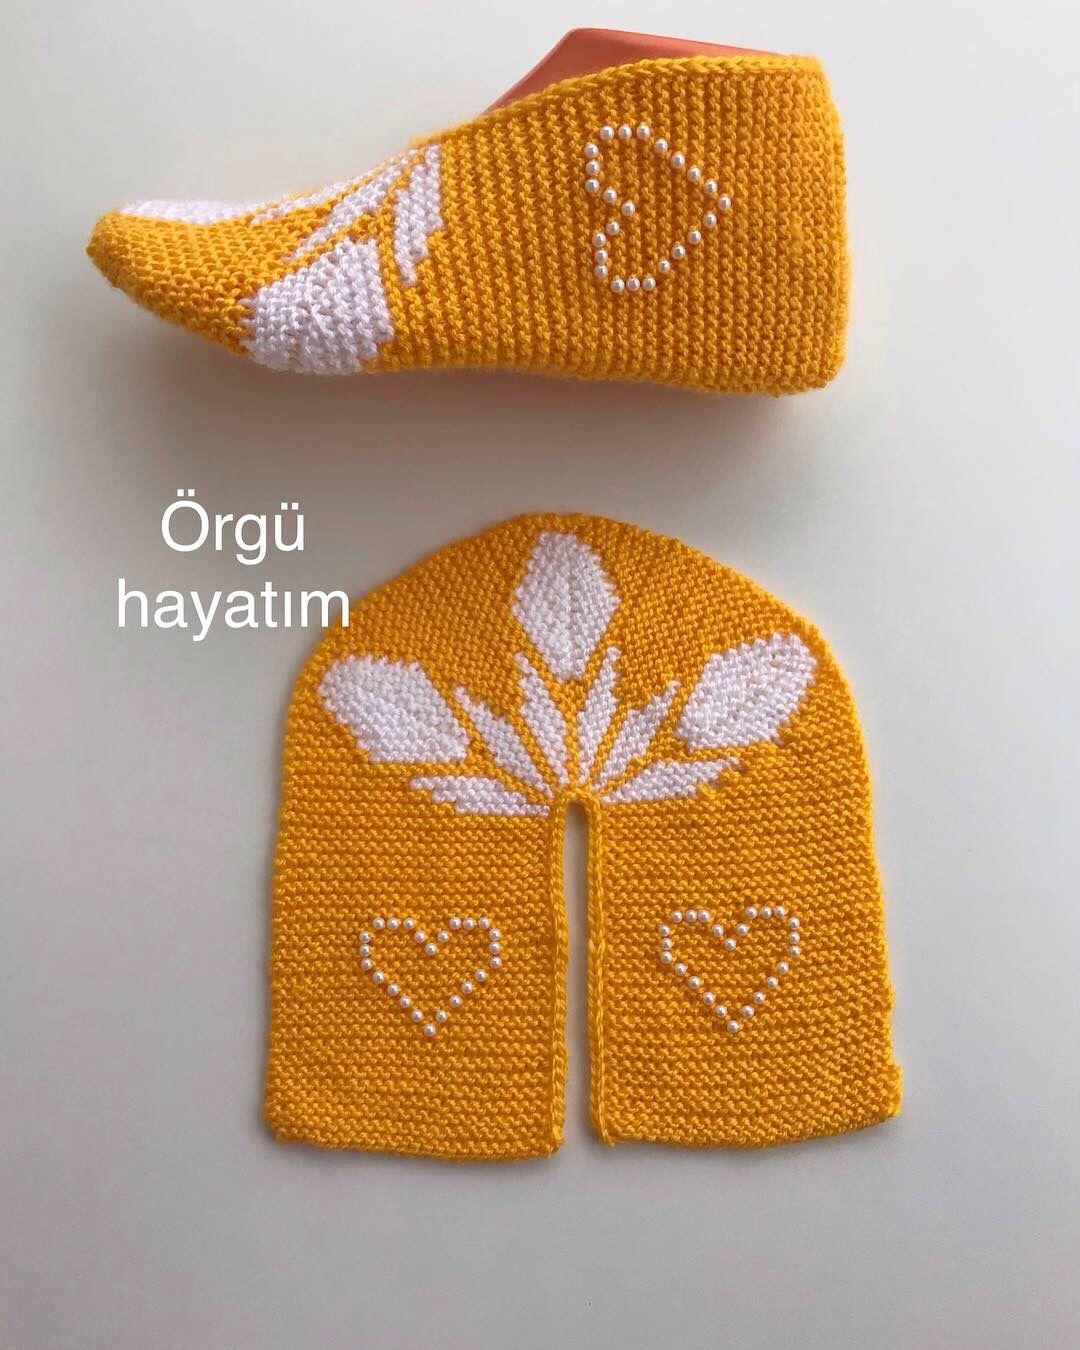 Orgu Hayatim Adli Kullanicinin Crochet Panosundaki Pin Tig Isleri Bebekler Icin Orgu Patikler